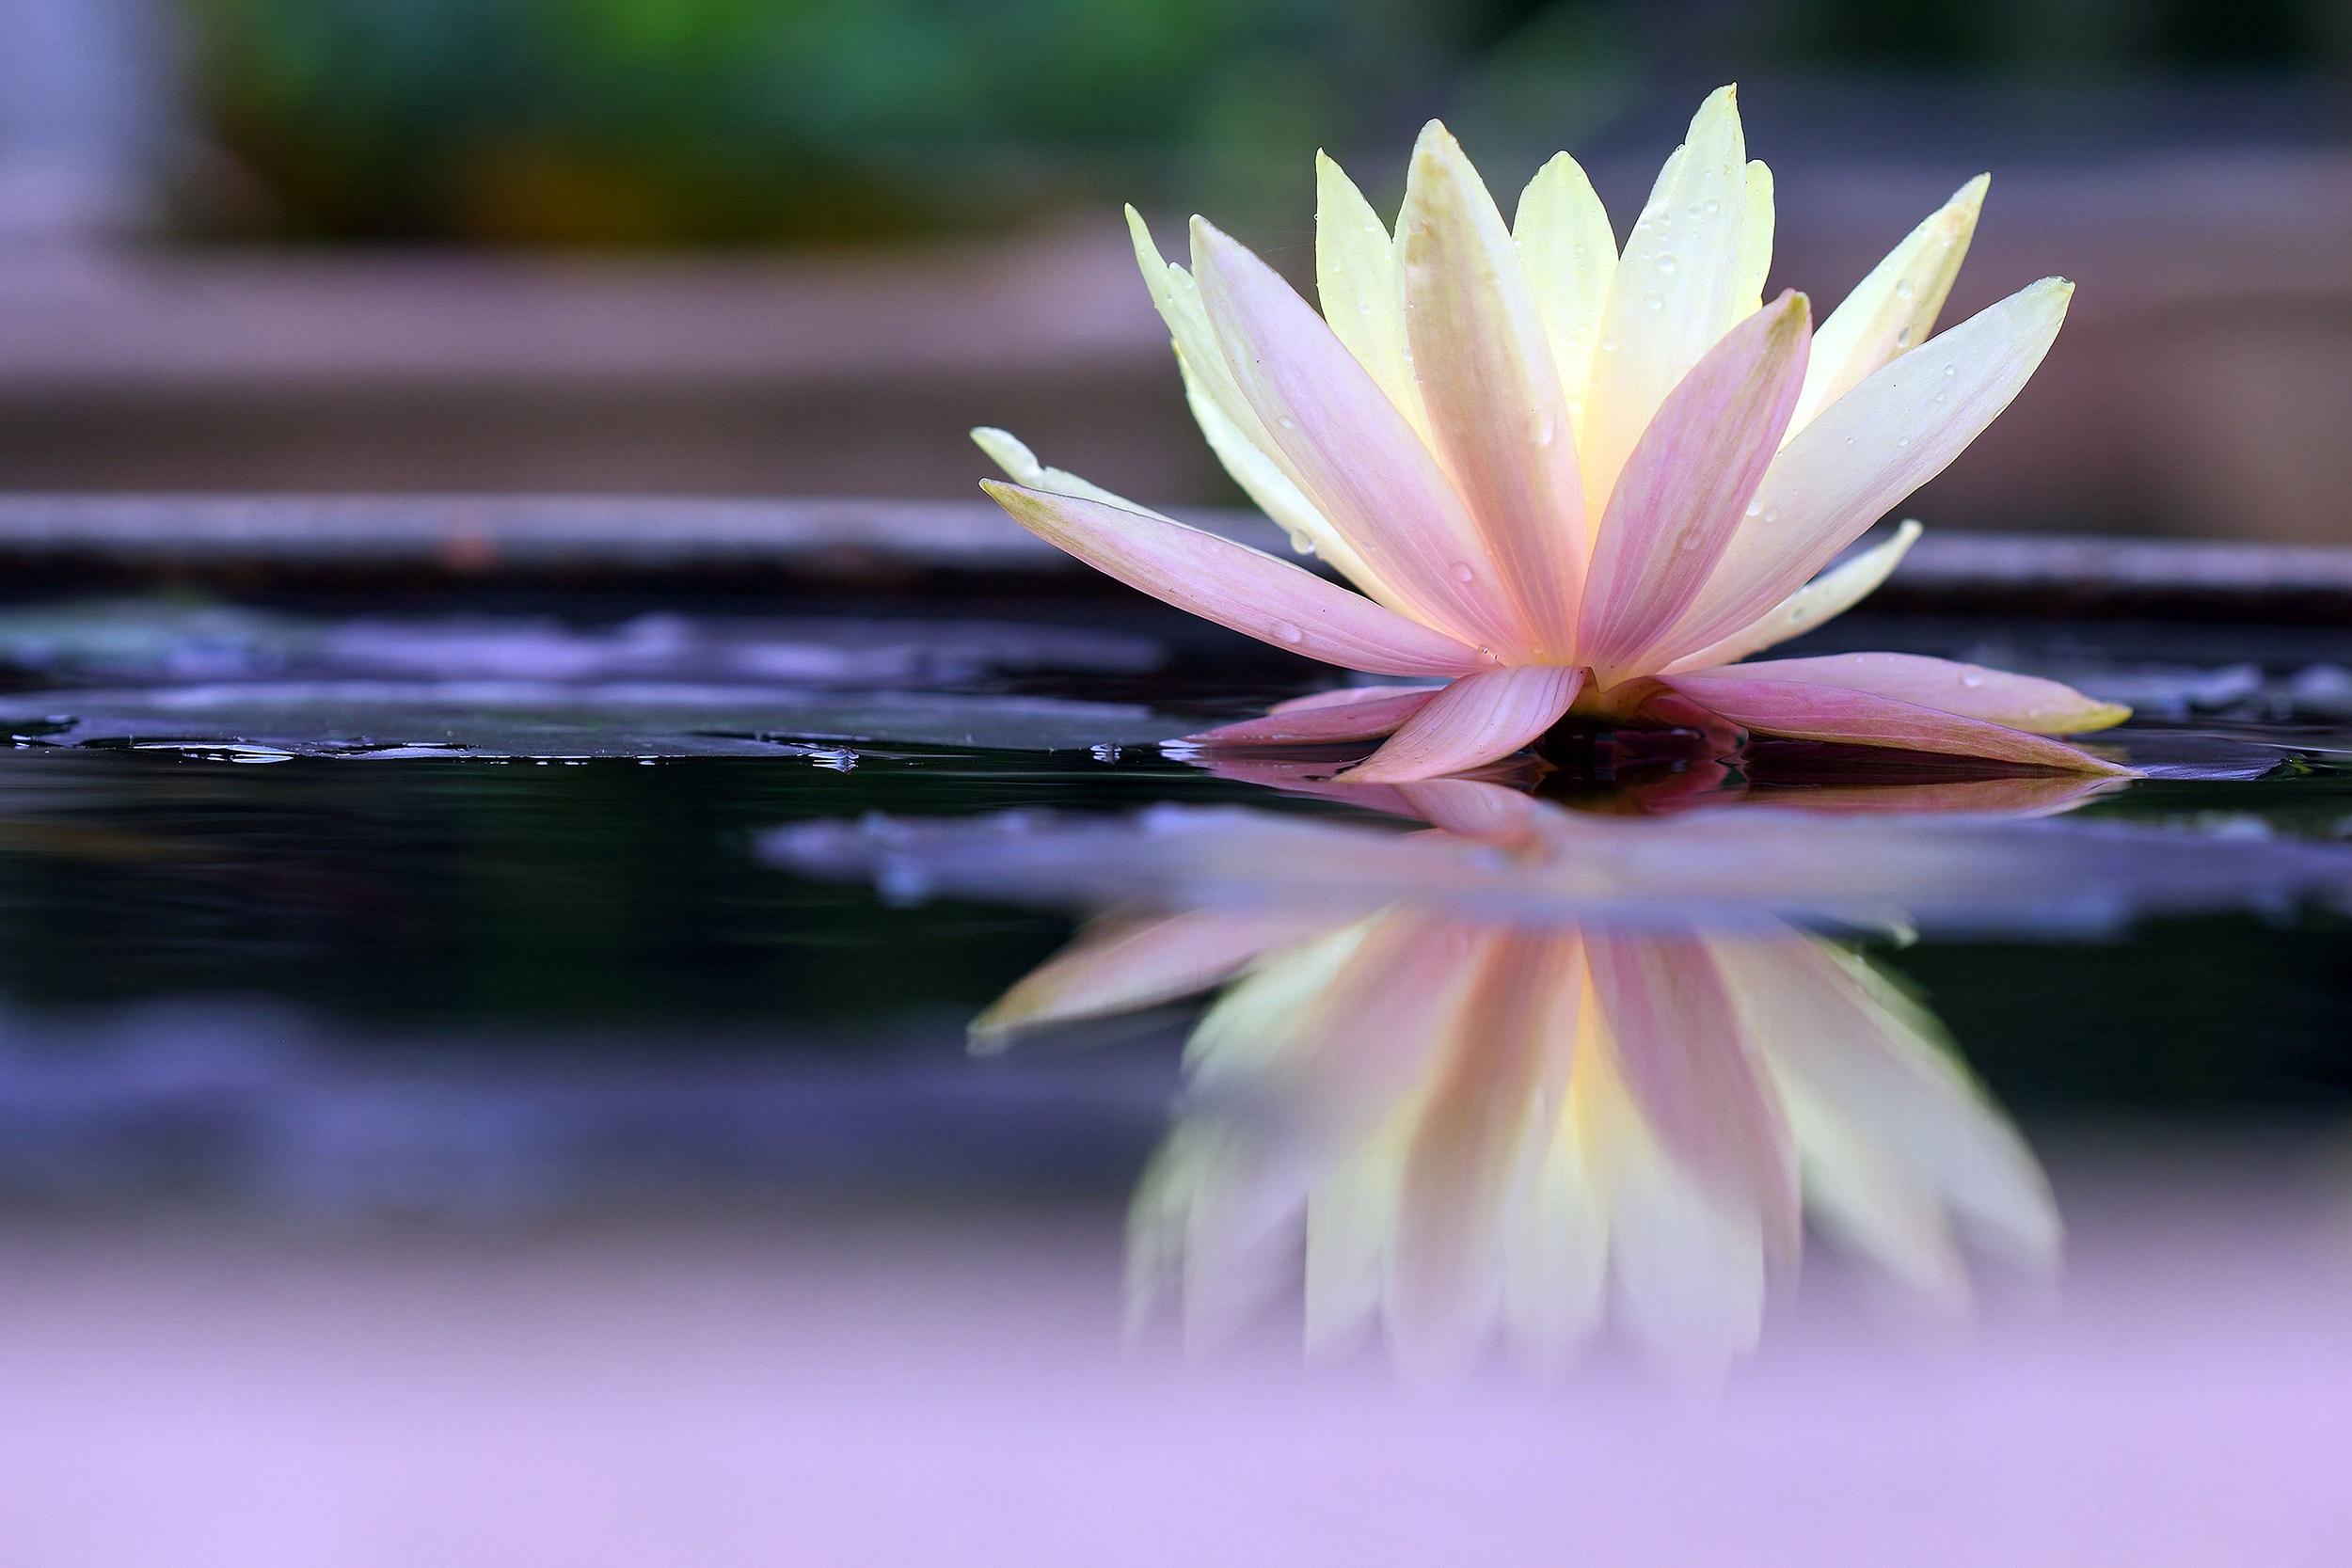 flor de lótus significado